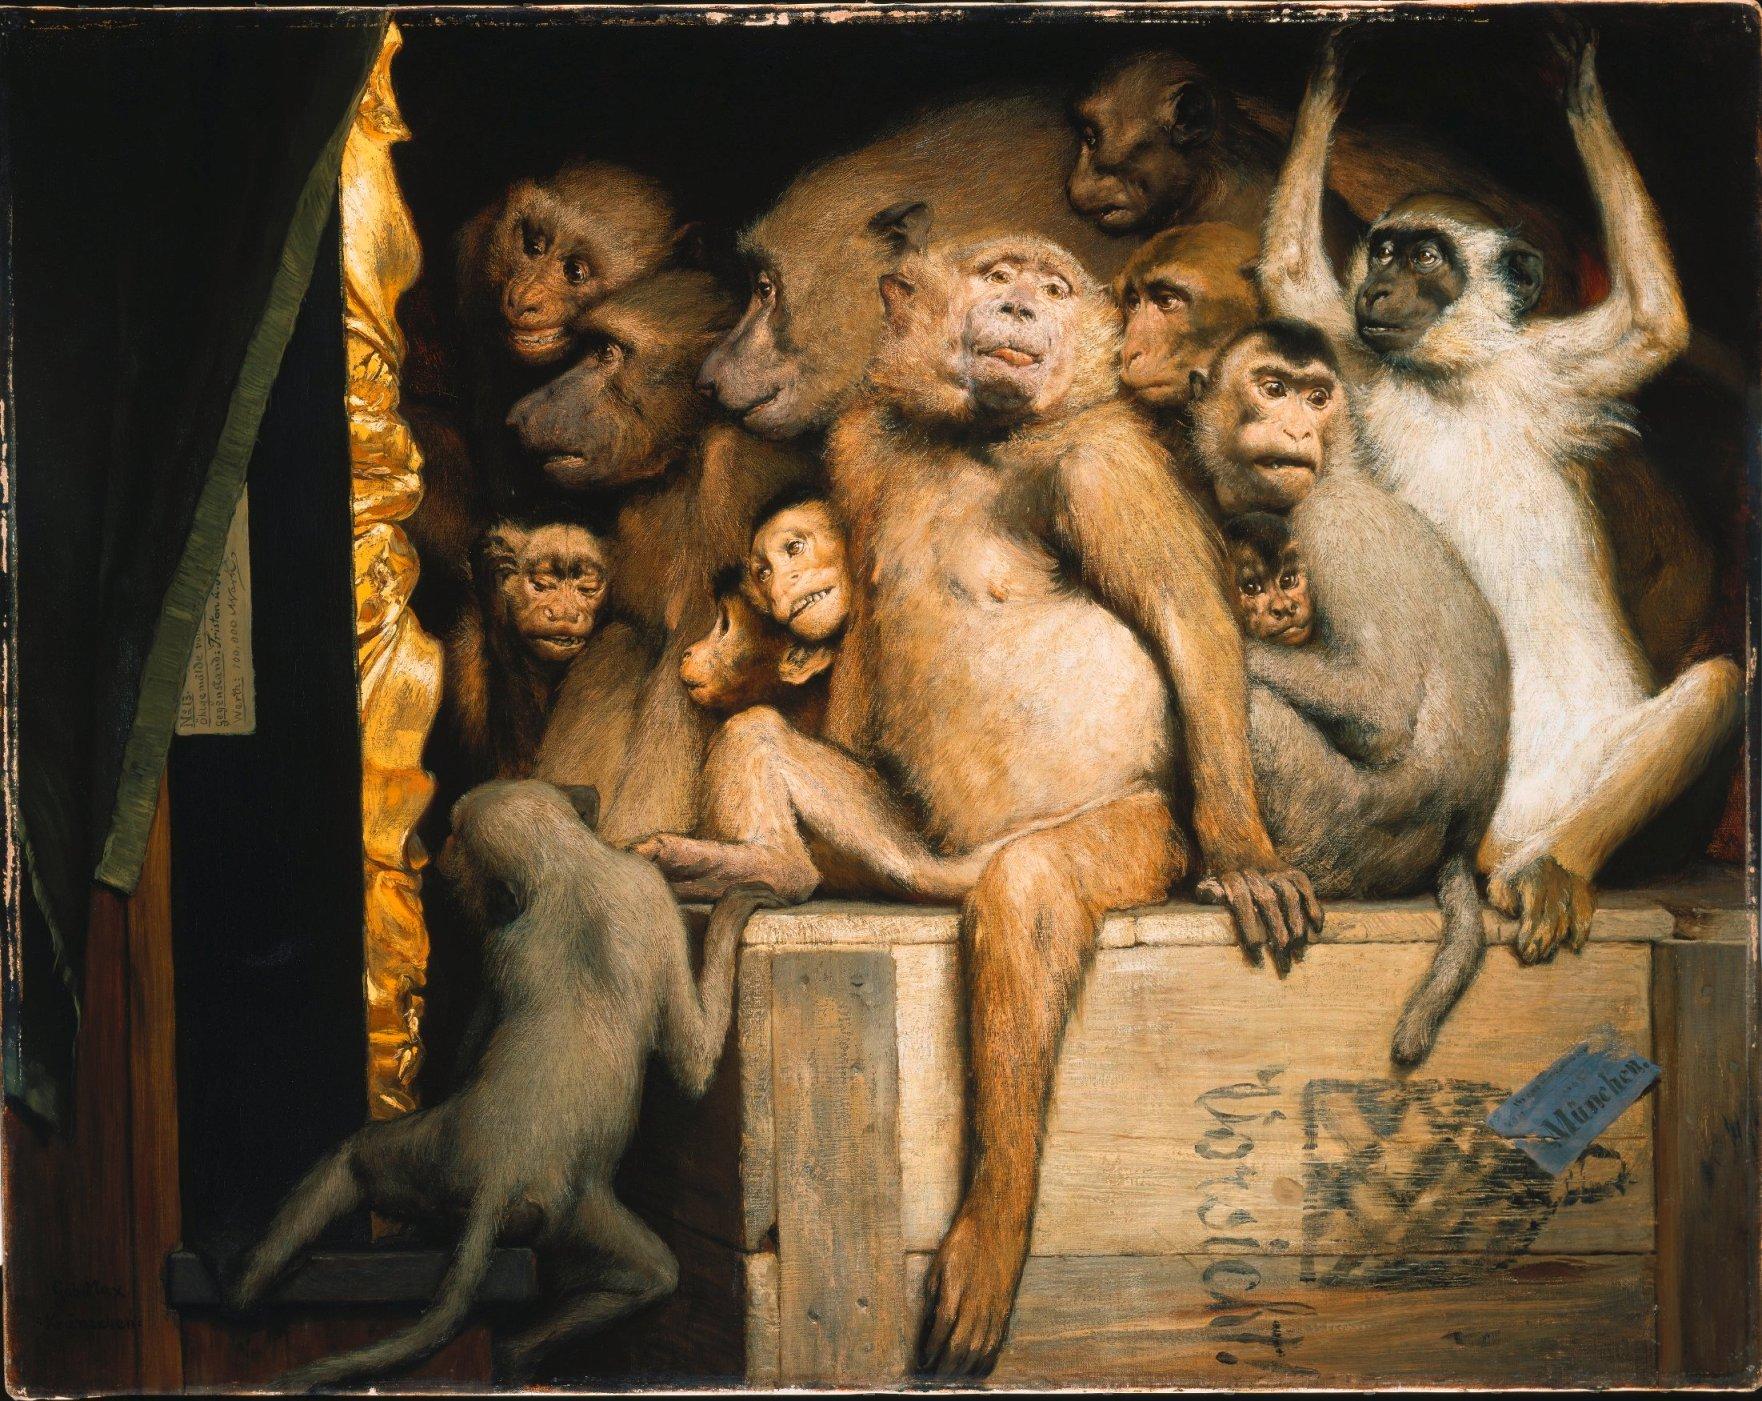 """""""Monkeys as Judges of Art"""" (1889) Max, Gabriel von,1840-1915  München, Neue Pinakothek © Bayer & Mitko – ARTOTHEK"""